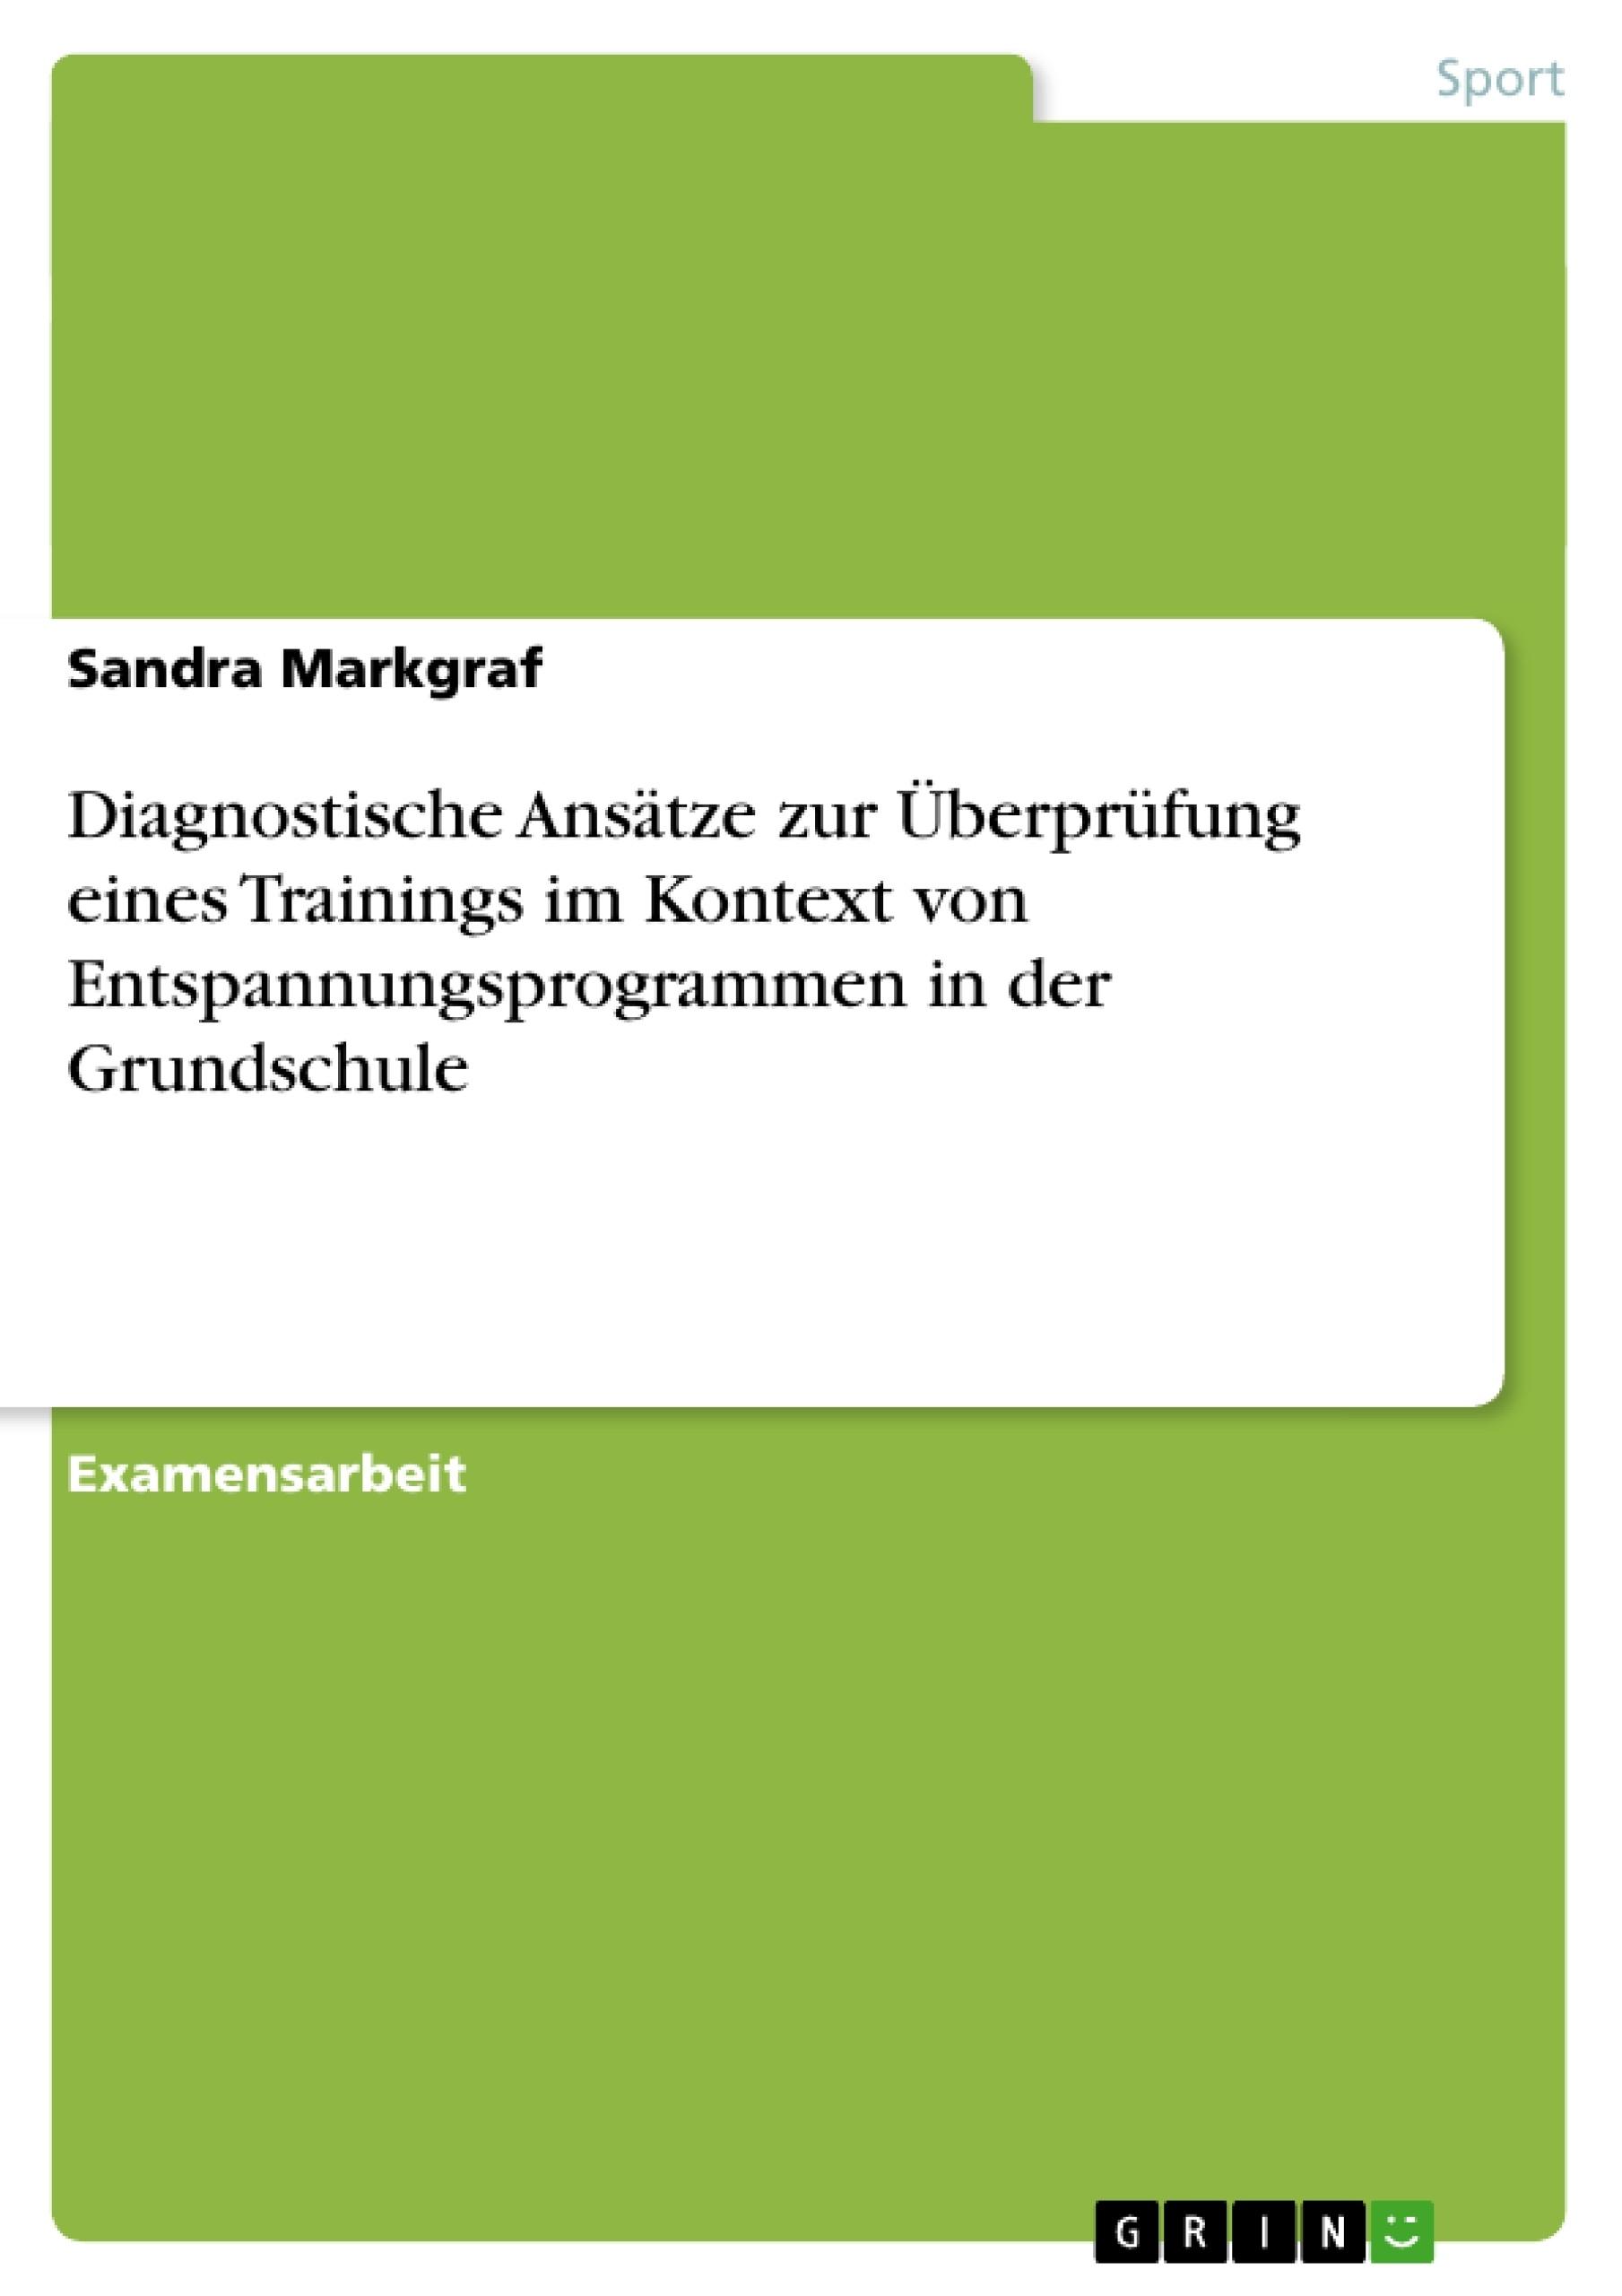 Titel: Diagnostische Ansätze zur Überprüfung eines Trainings im Kontext von Entspannungsprogrammen in der Grundschule